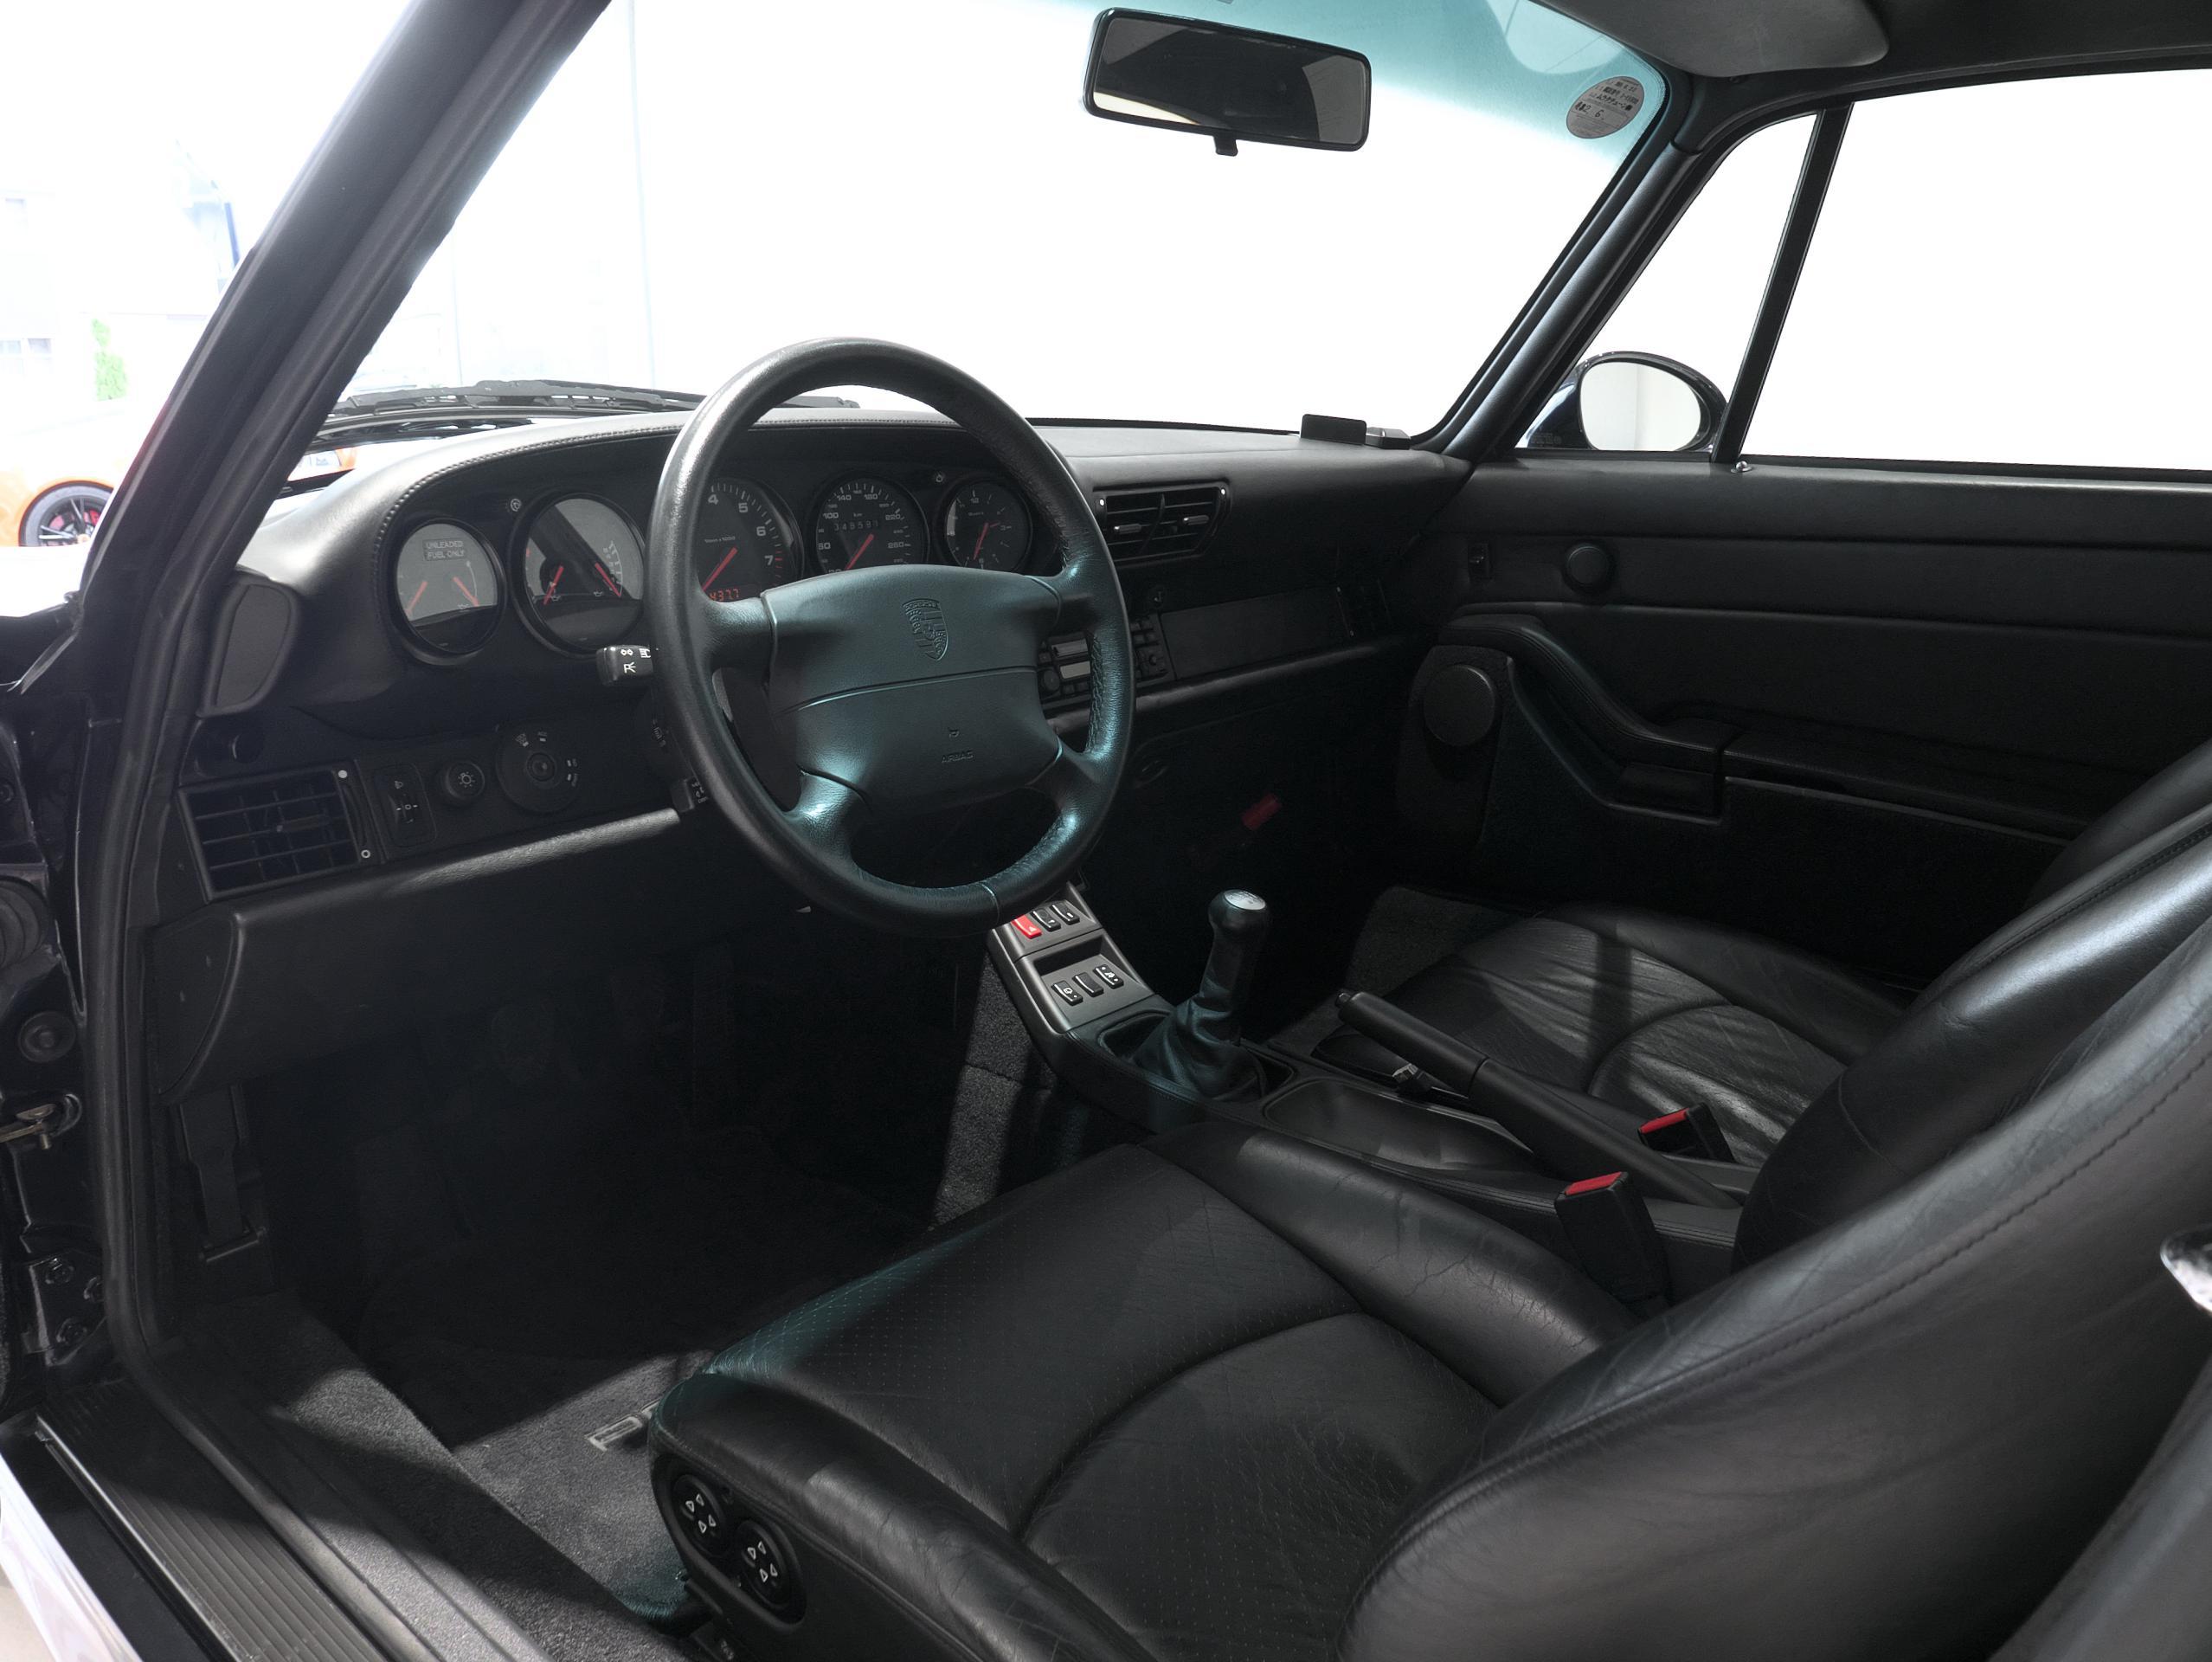 ポルシェ 911 カレラ4S 993 運転席